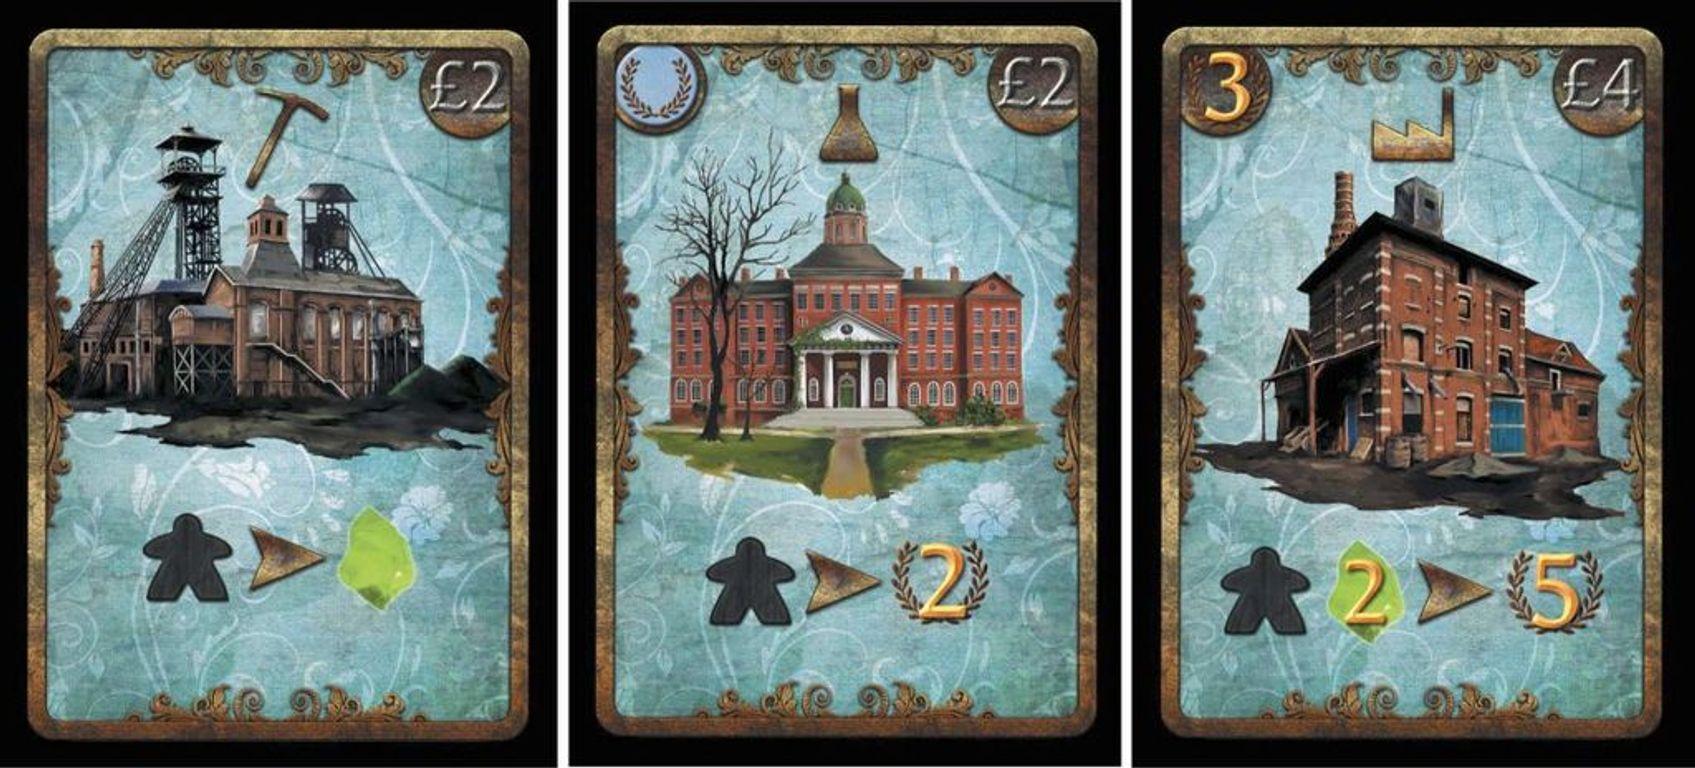 Spyrium cards